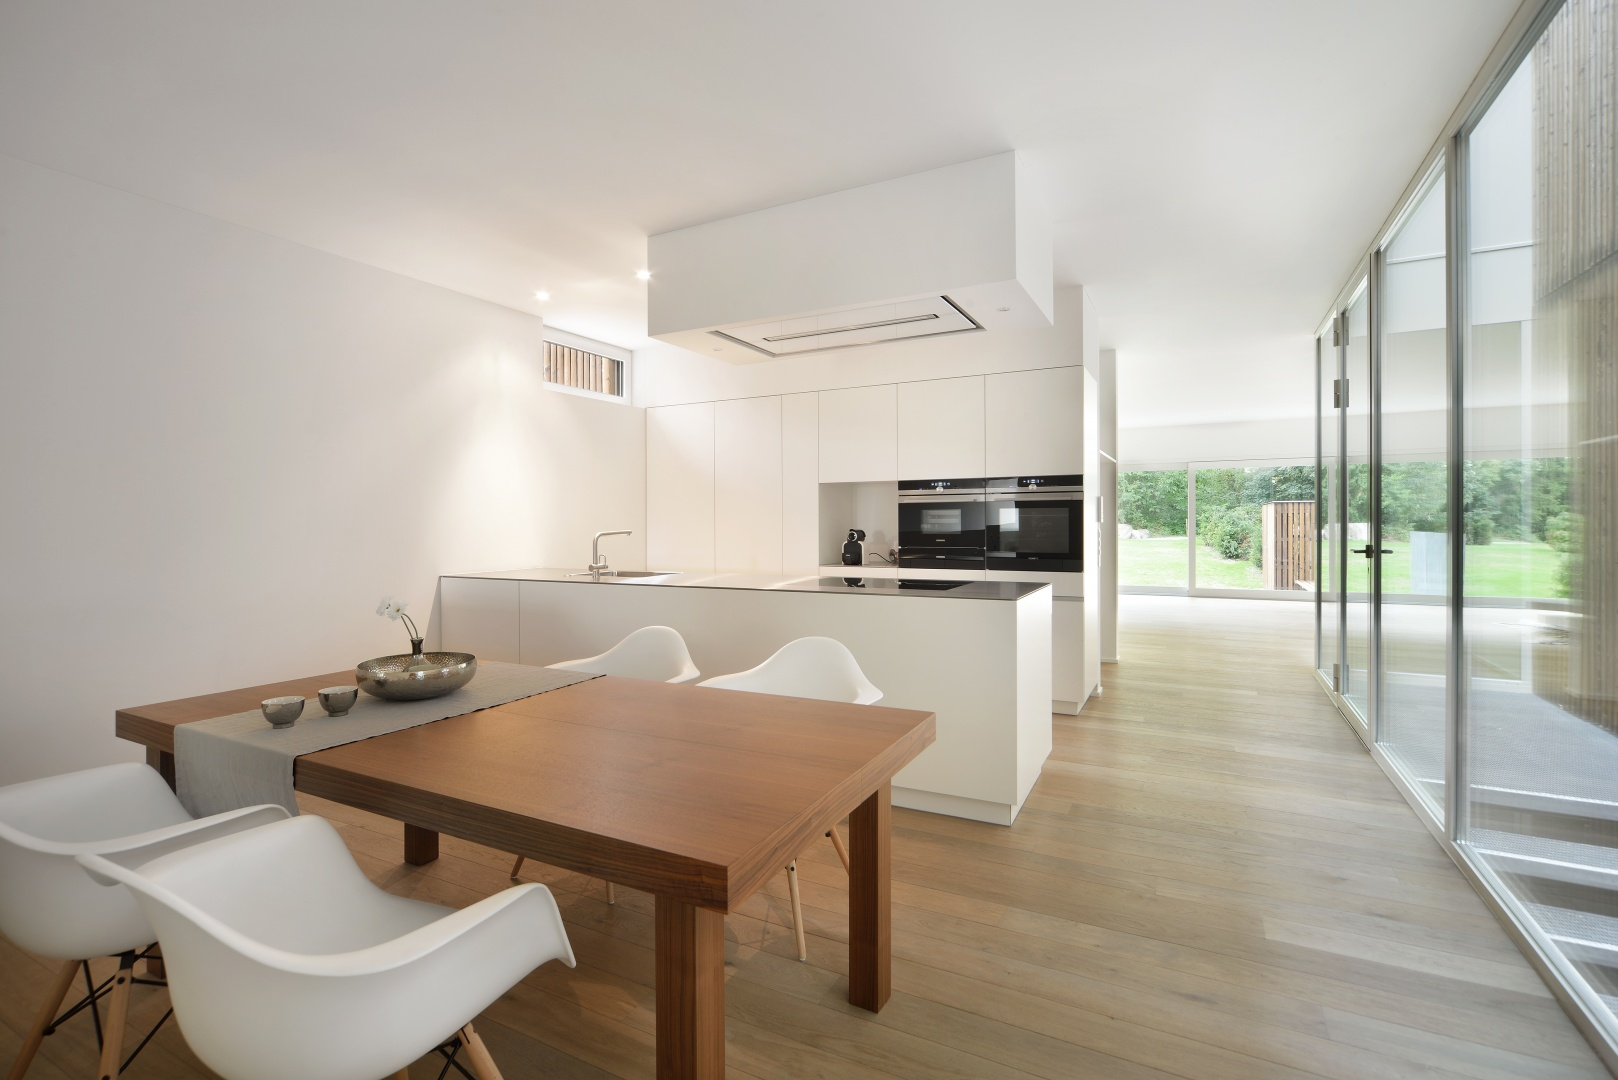 Küche mit Esszimmer am Lichthof © Sabrina Scheja, Berneckerstrasse 215, CH-9435 Heerbrugg